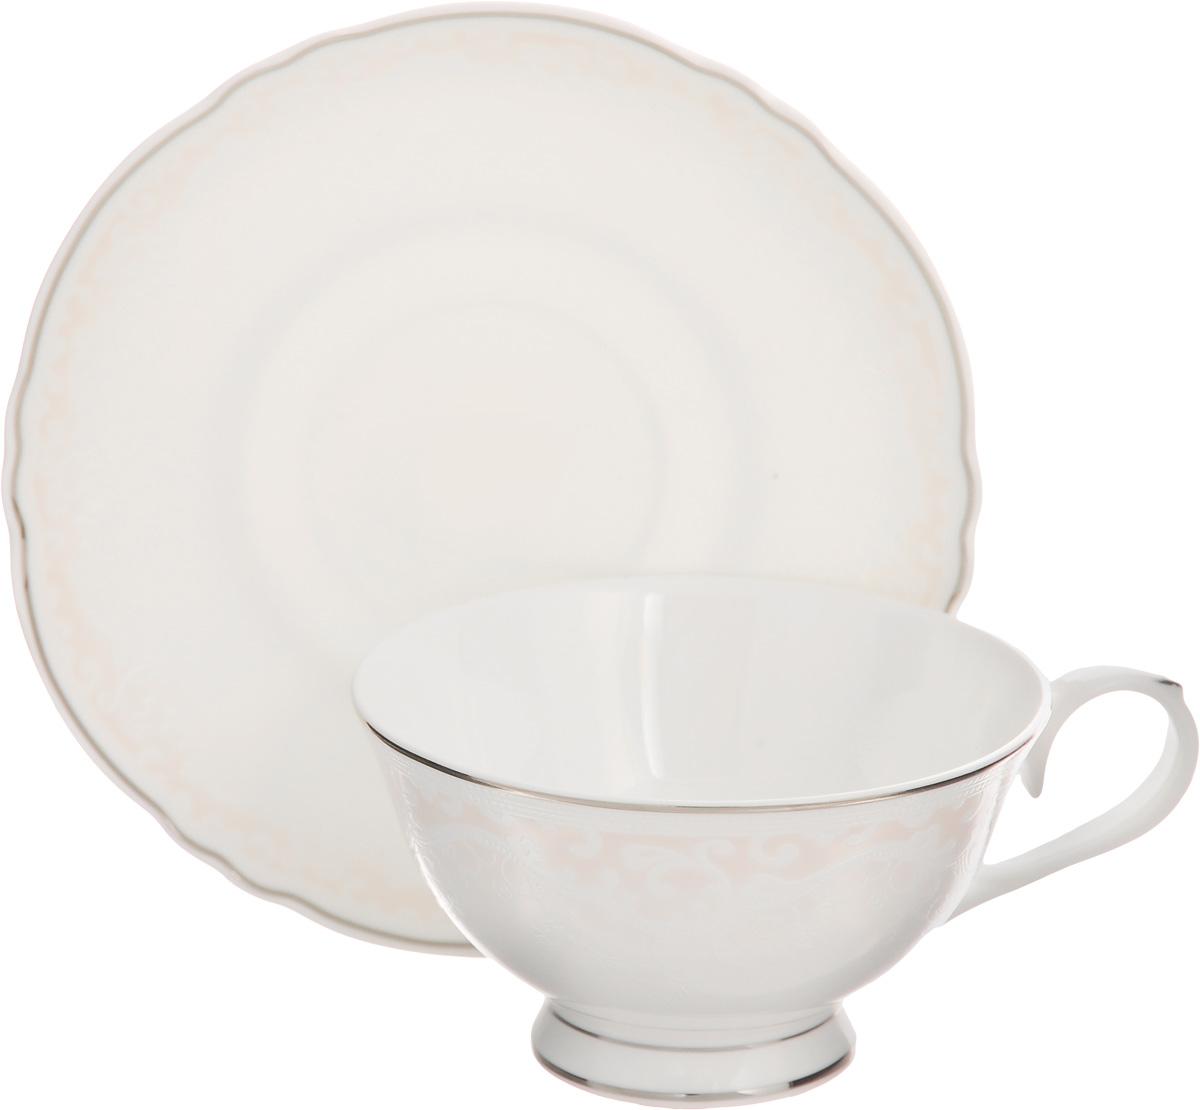 Чайная пара Elan Gallery Розовый шик, 220 мл, 2 предмета530027Чайная пара Elan Gallery Розовый шик состоит из чашки и блюдца, изготовленных из керамики высшего качества, отличающегося необыкновенной прочностью и небольшим весом. Яркий дизайн, несомненно, придется вам по вкусу. Чайная пара Elan Gallery Розовый шик украсит ваш кухонный стол, а также станет замечательным подарком к любому празднику. Не рекомендуется применять абразивные моющие средства. Не использовать в микроволновой печи. Объем чашки: 220 мл. Диаметр чашки (по верхнему краю): 10,5 см. Высота чашки: 6 см. Диаметр блюдца: 15,5 см. Высота блюдца: 1,5 см.